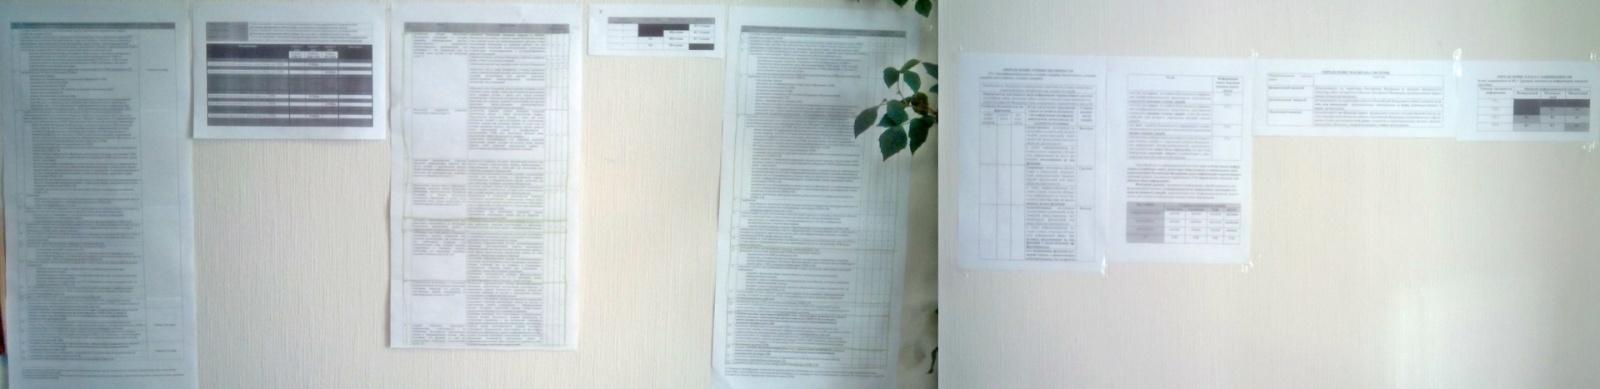 Формализованный метод разбора и анализа нормативных и методических документов, а также синтеза на их основе локальных актов - 5